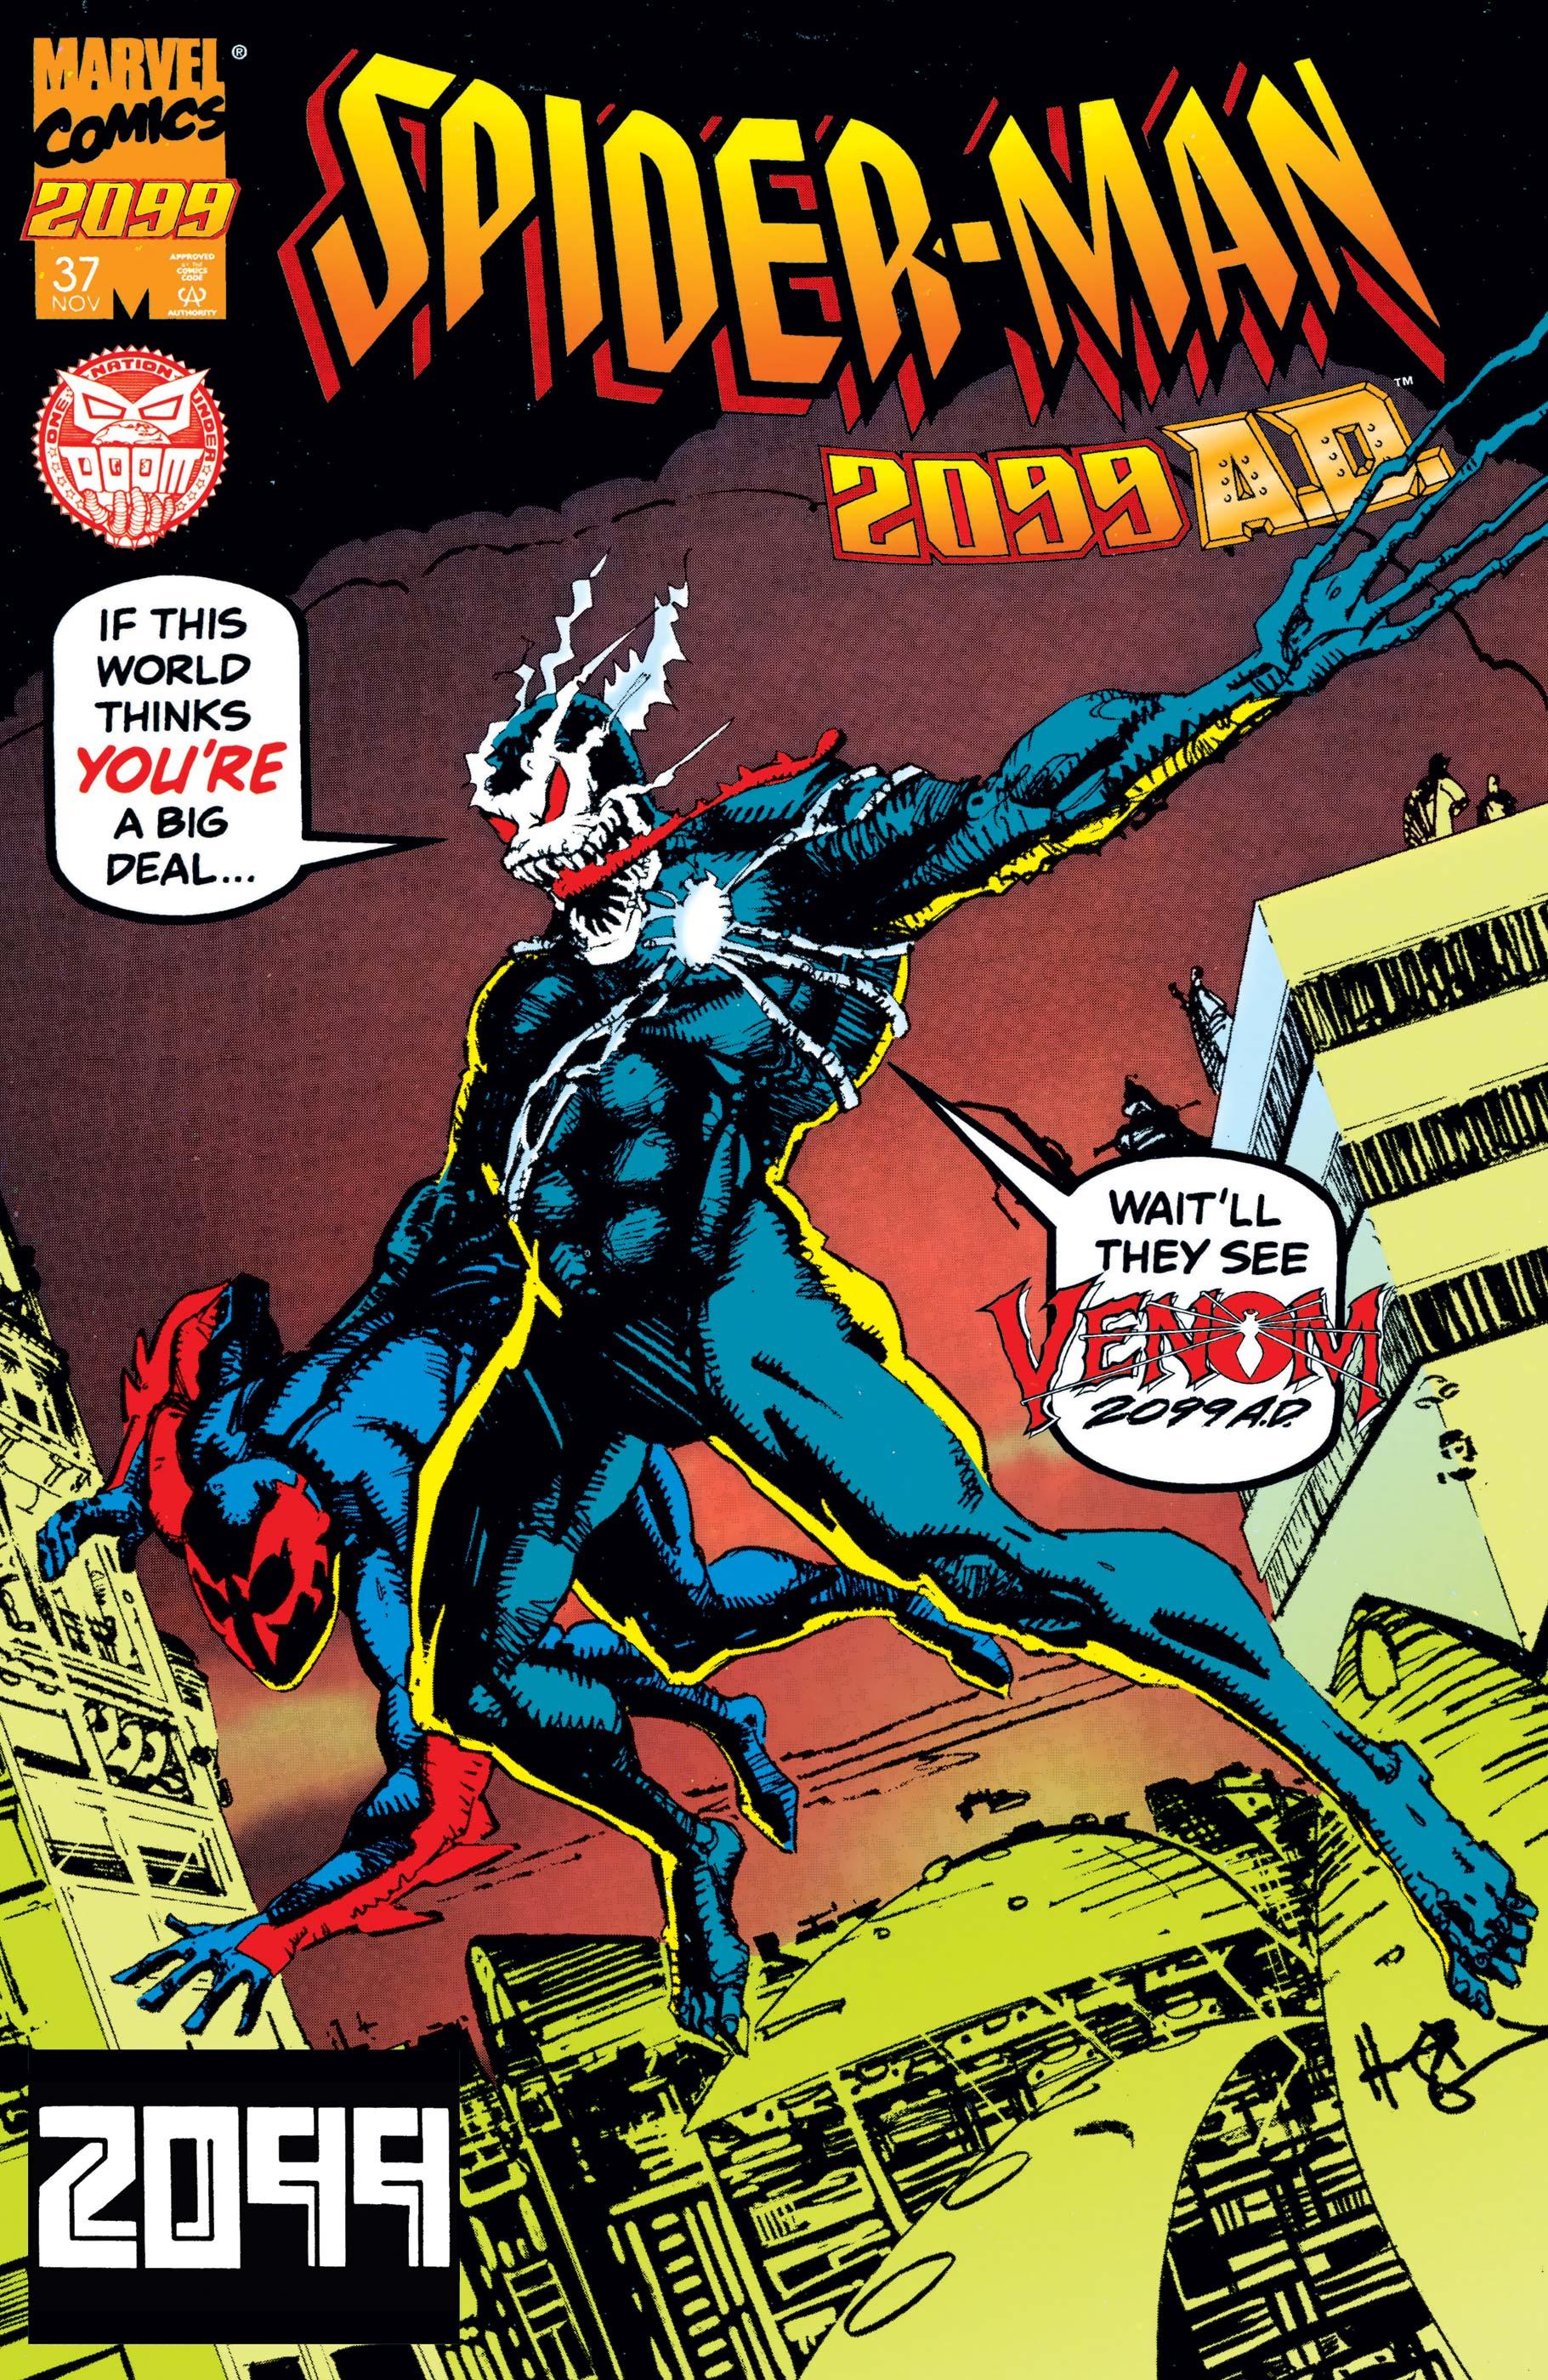 Spider-Man 2099 (1992) #37